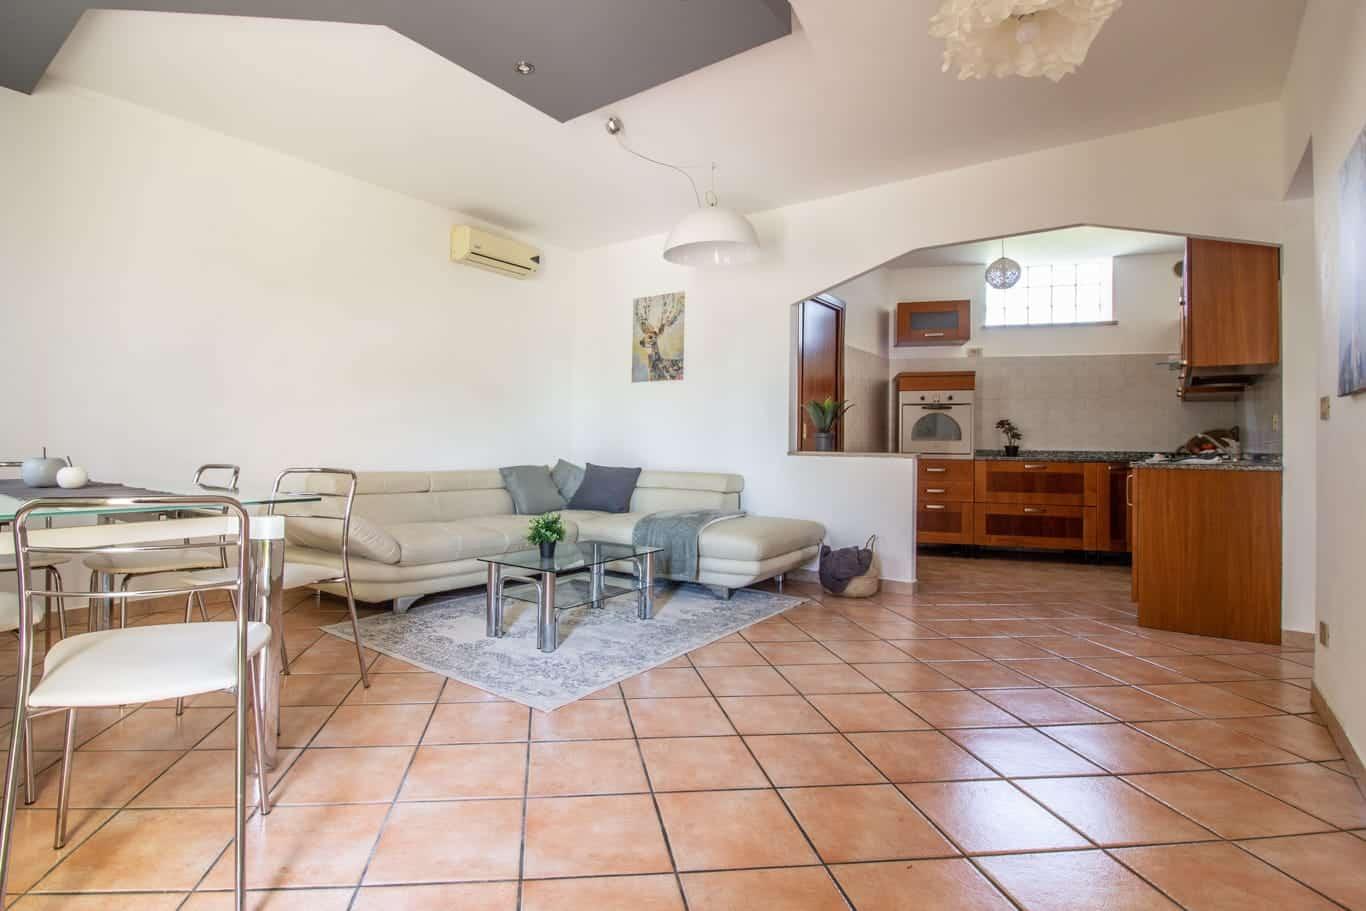 homelead-immobiliare-appartamento-zoppola (8 of 8)